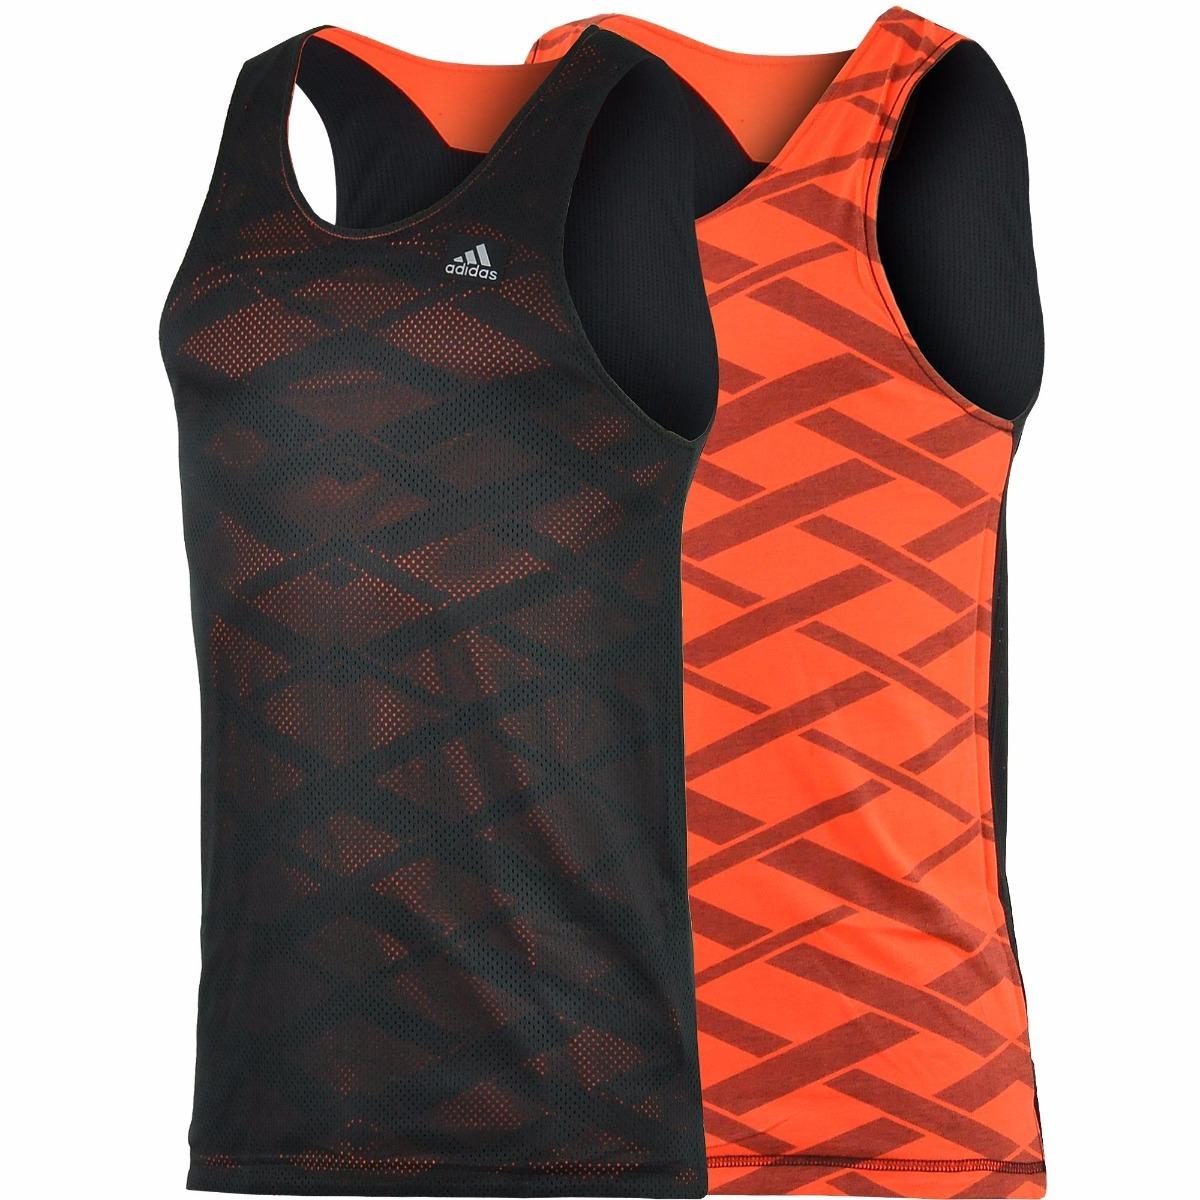 98728e6671 camiseta regata adidas basket reversível 2 em 1 dupla face. Carregando zoom.